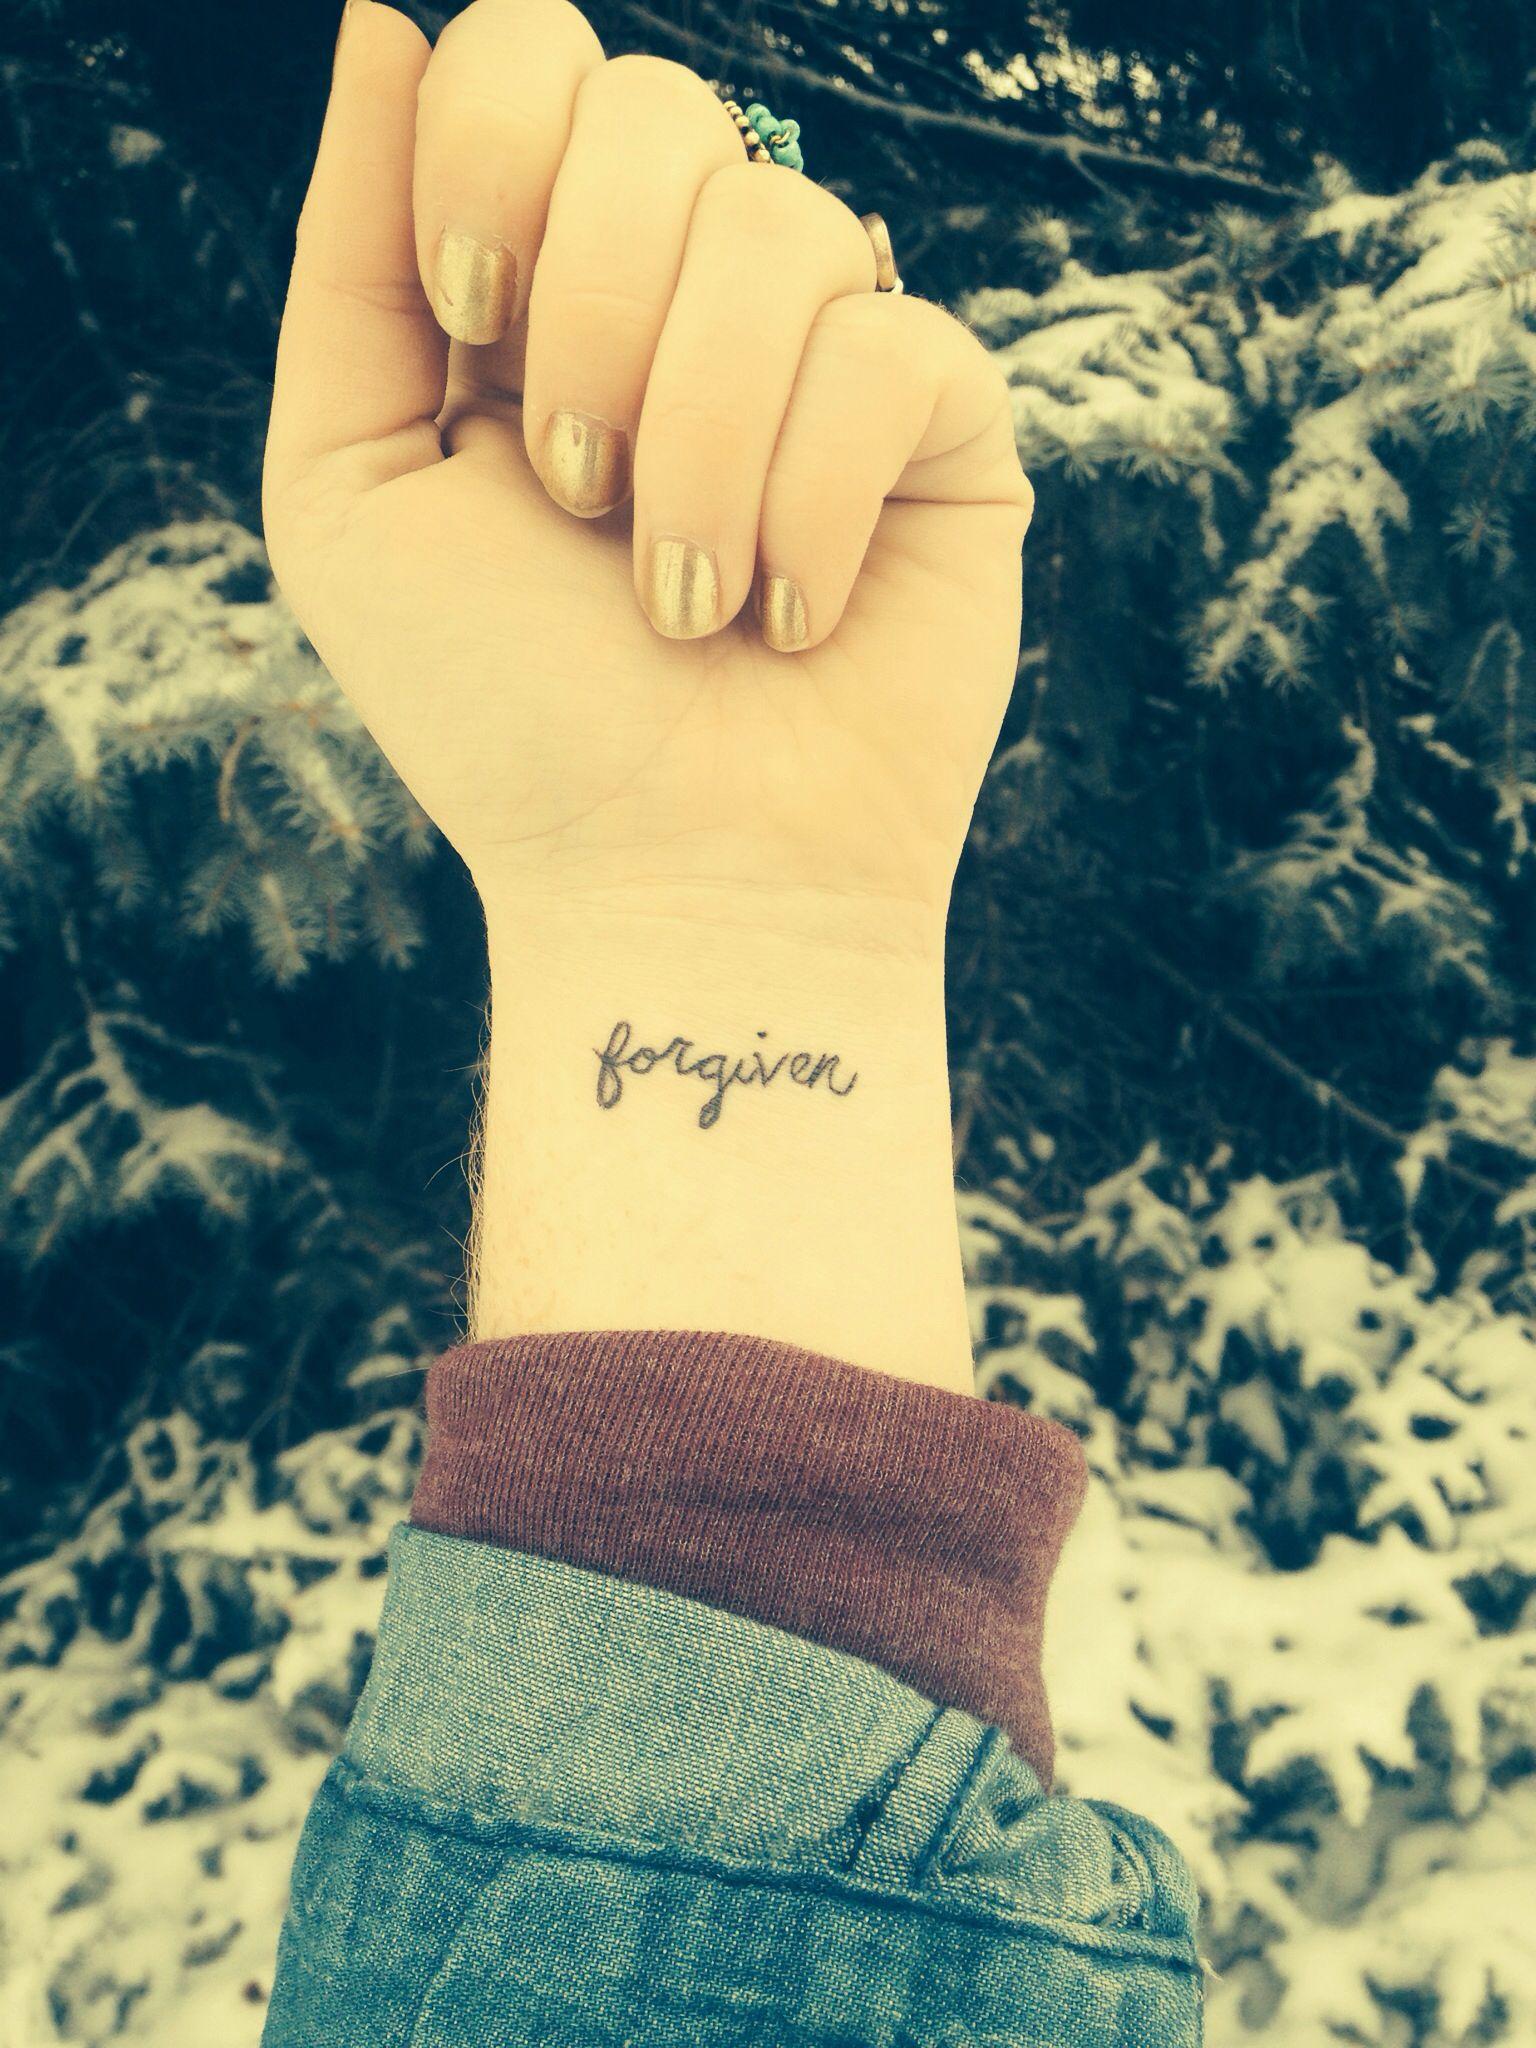 forgiven wrist ink wrist